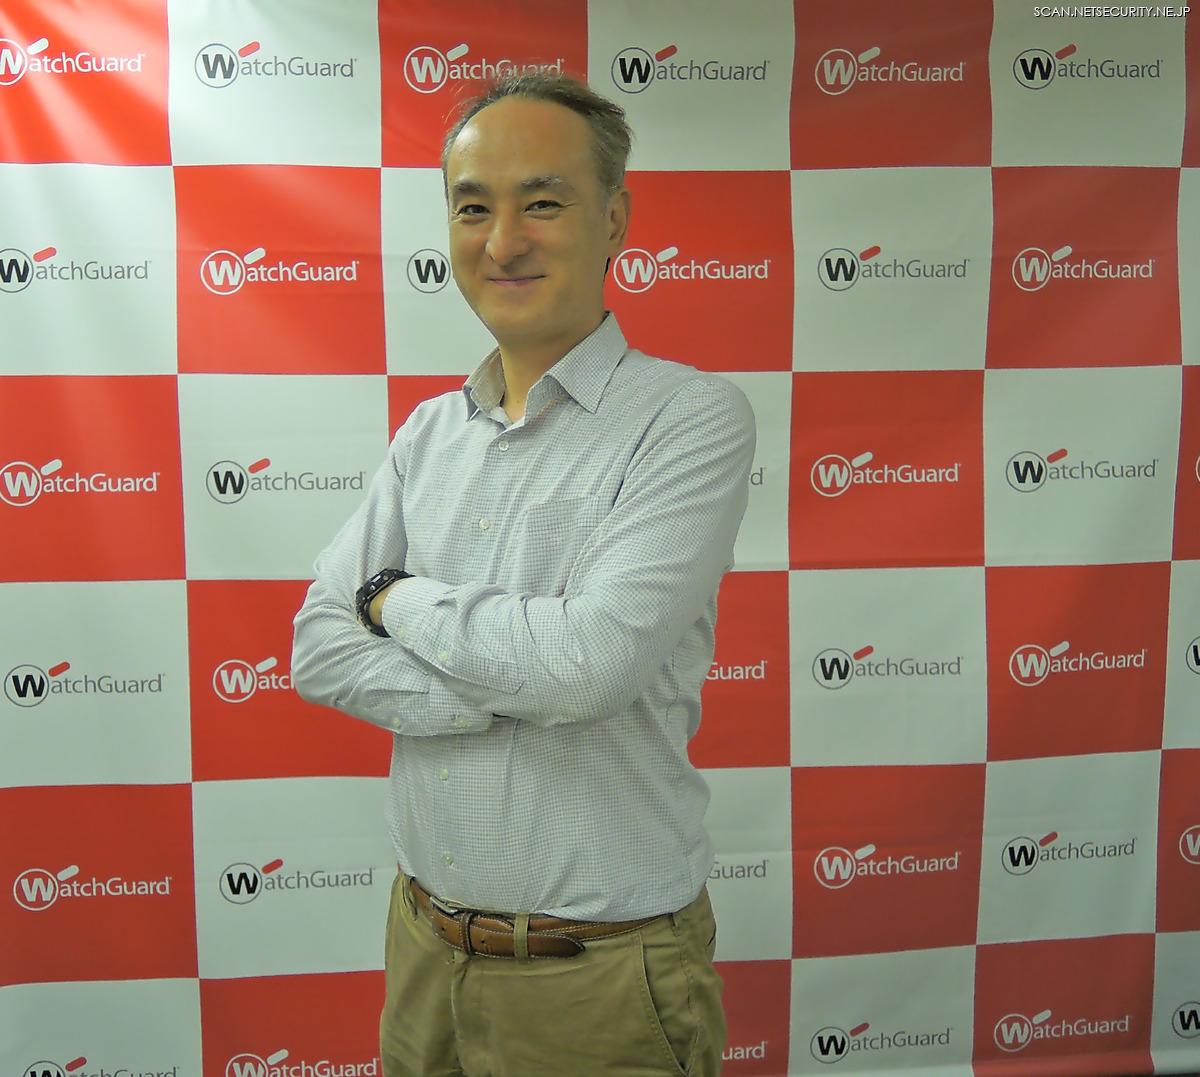 ウォッチガード・テクノロジー・ジャパン株式会社 セールスエンジニア 部長 猪股 修 氏